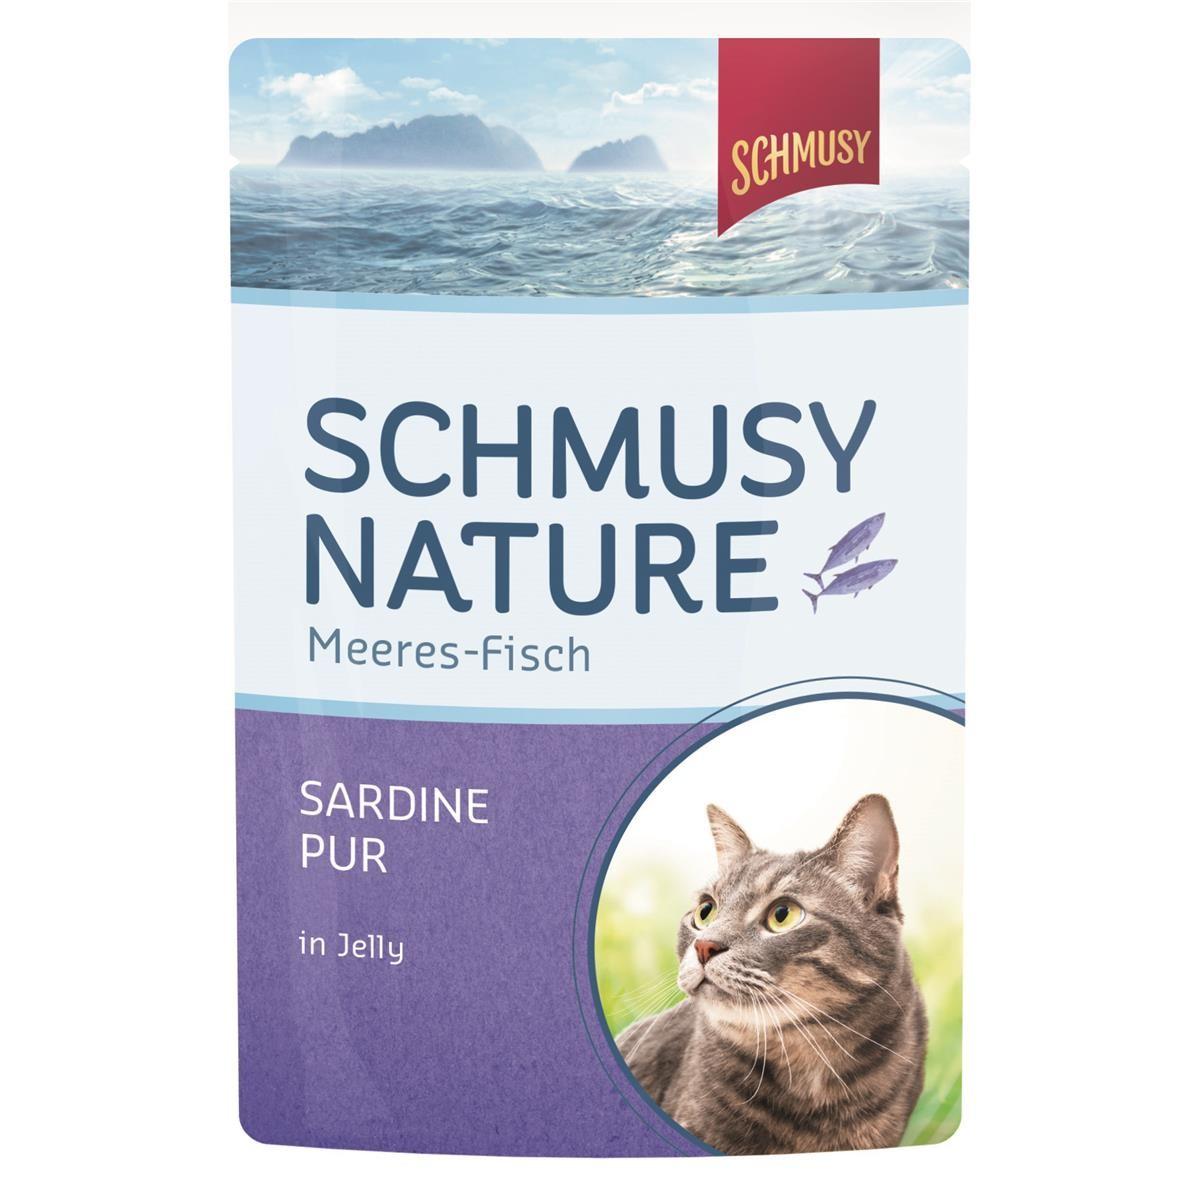 Schmusy Nature Meeres-Fisch Sardine pur 24 x 100g Pouchbeutel